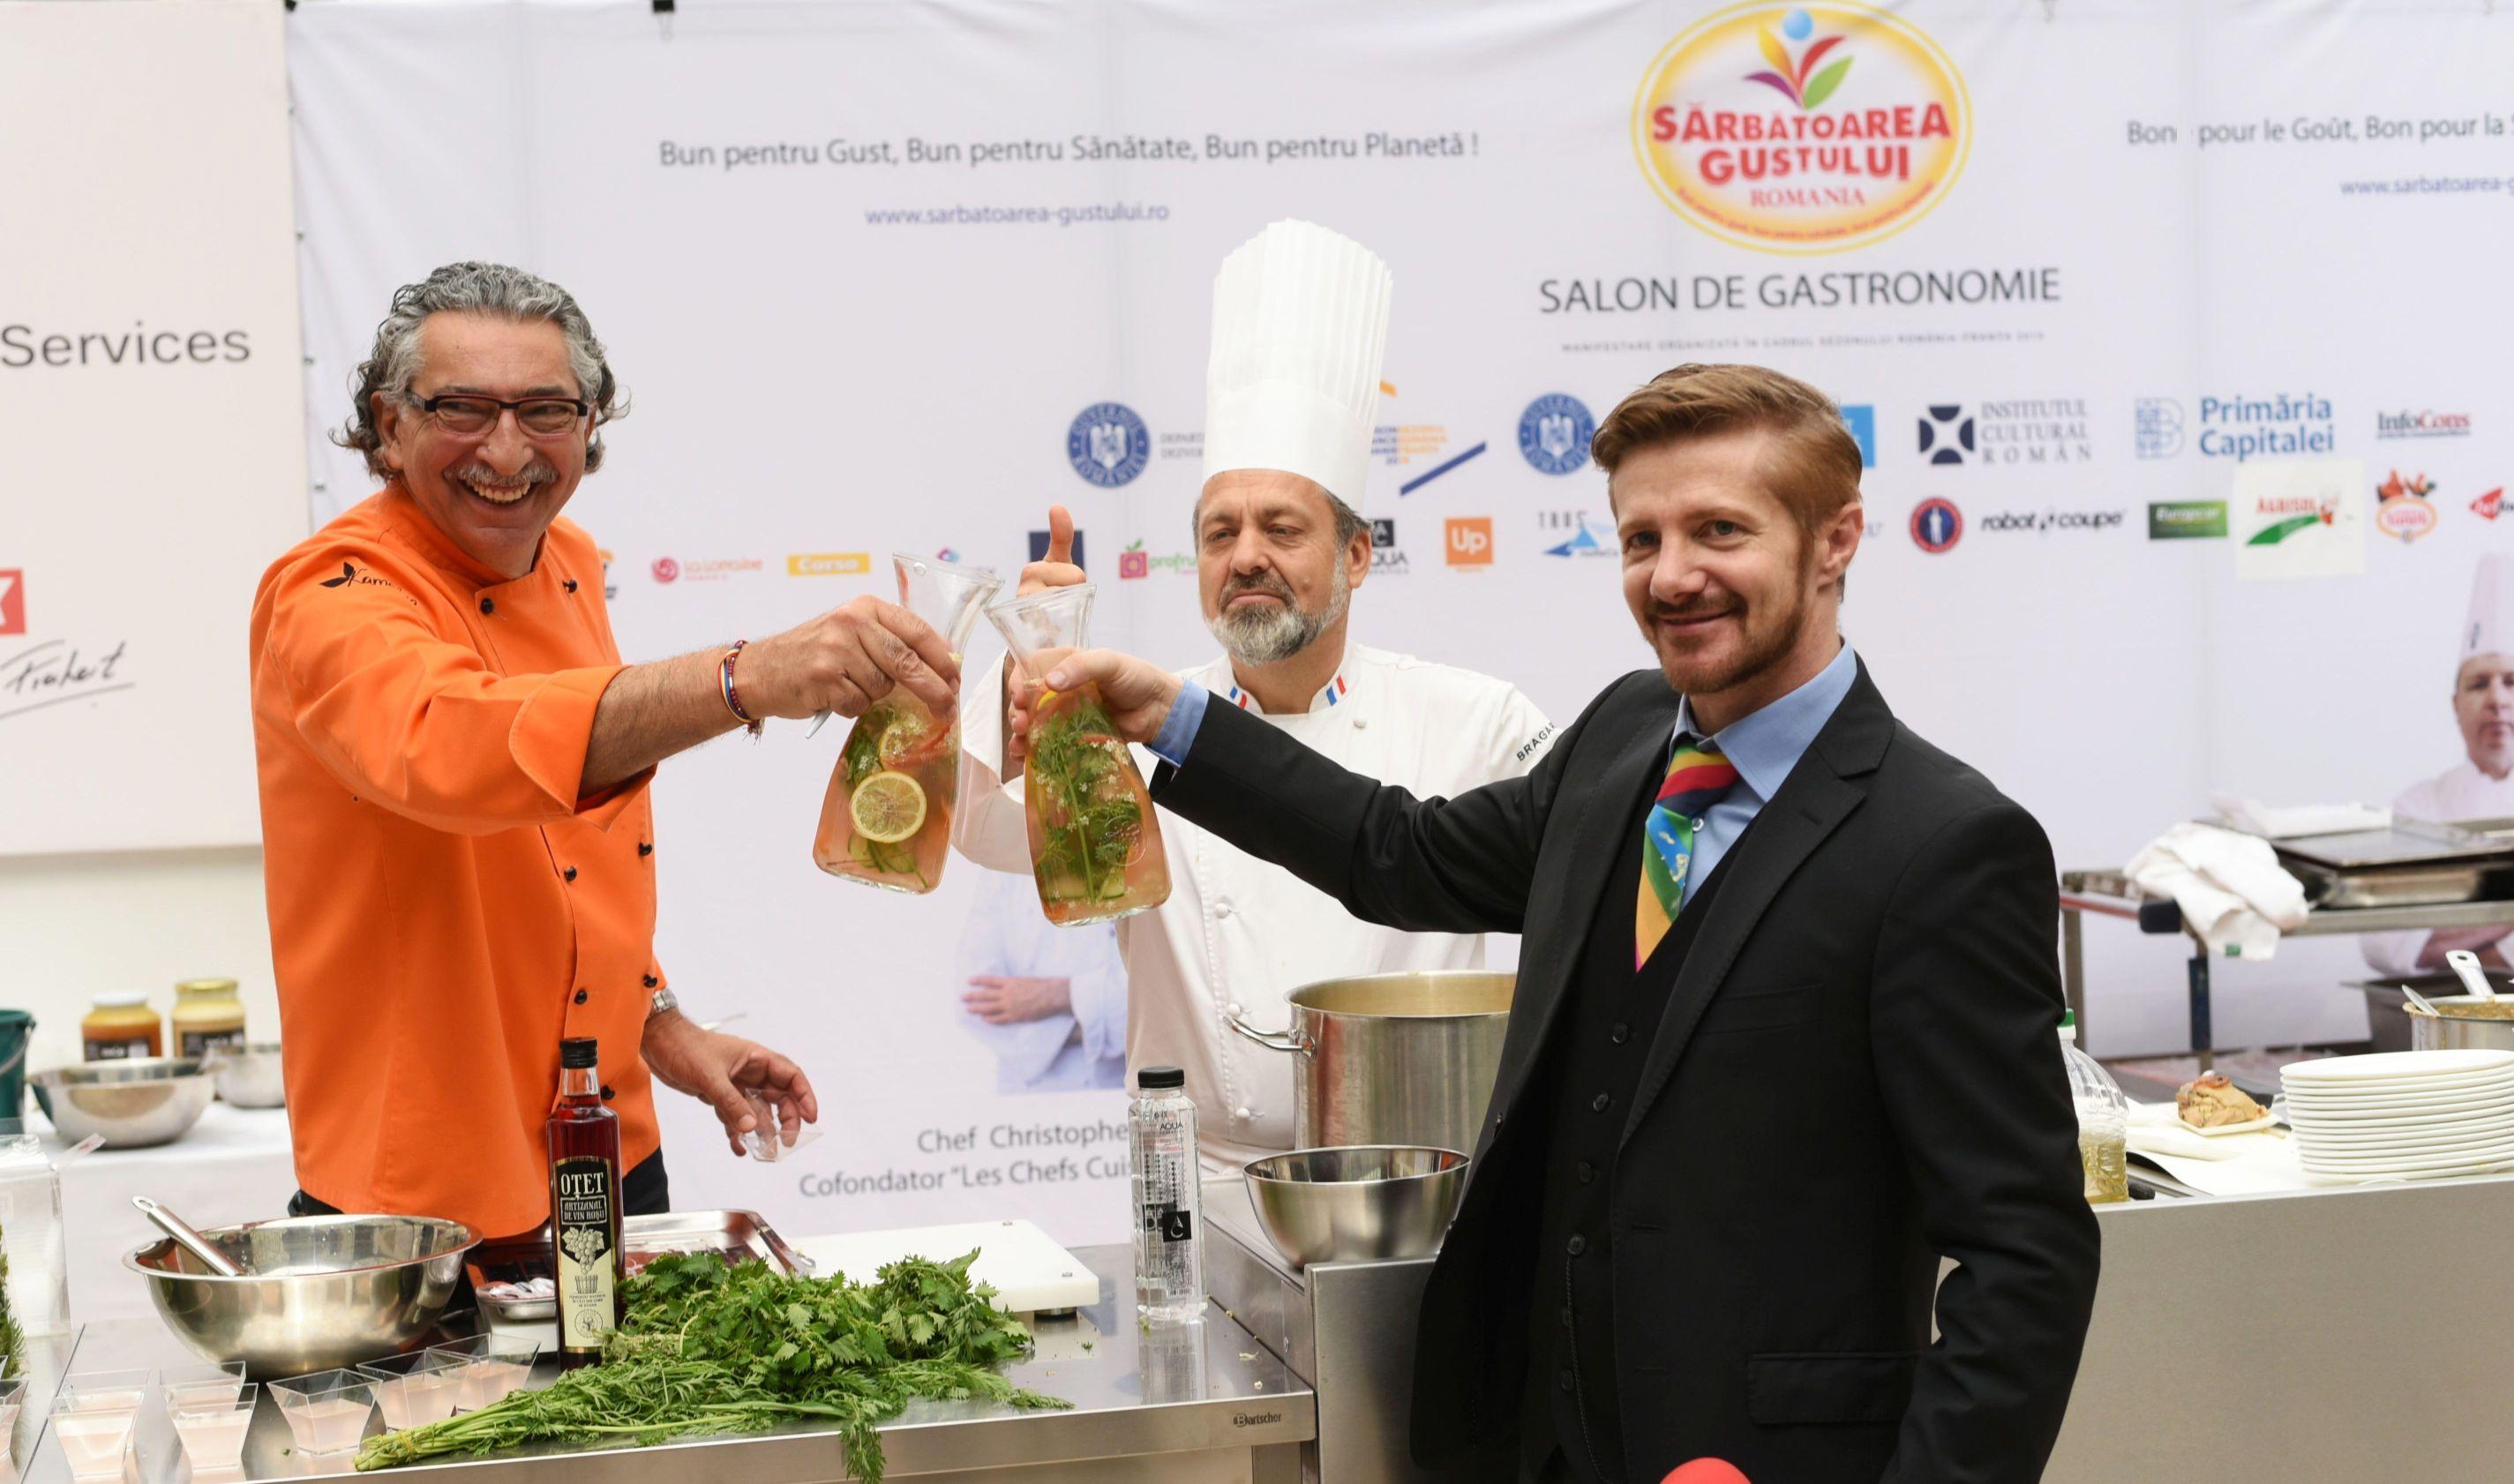 Sarbatoarea_Gustului_Salon_de_Gastronomie_34